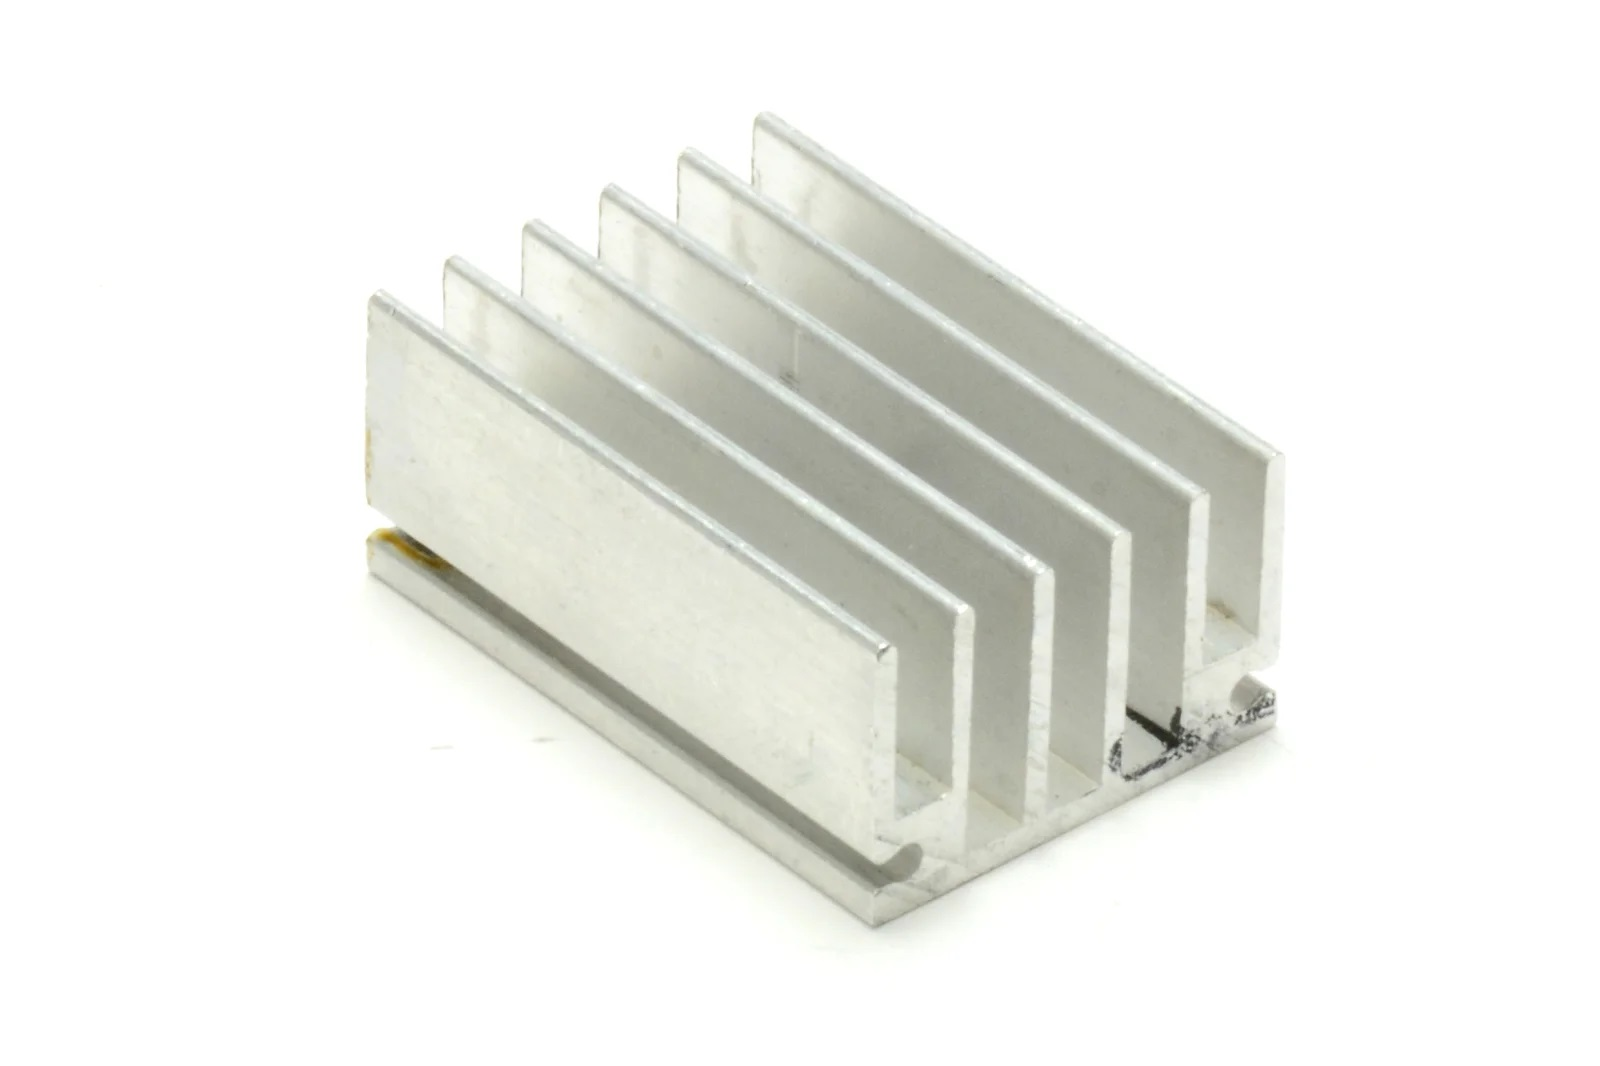 Радиатор - теплоотводящий элемент